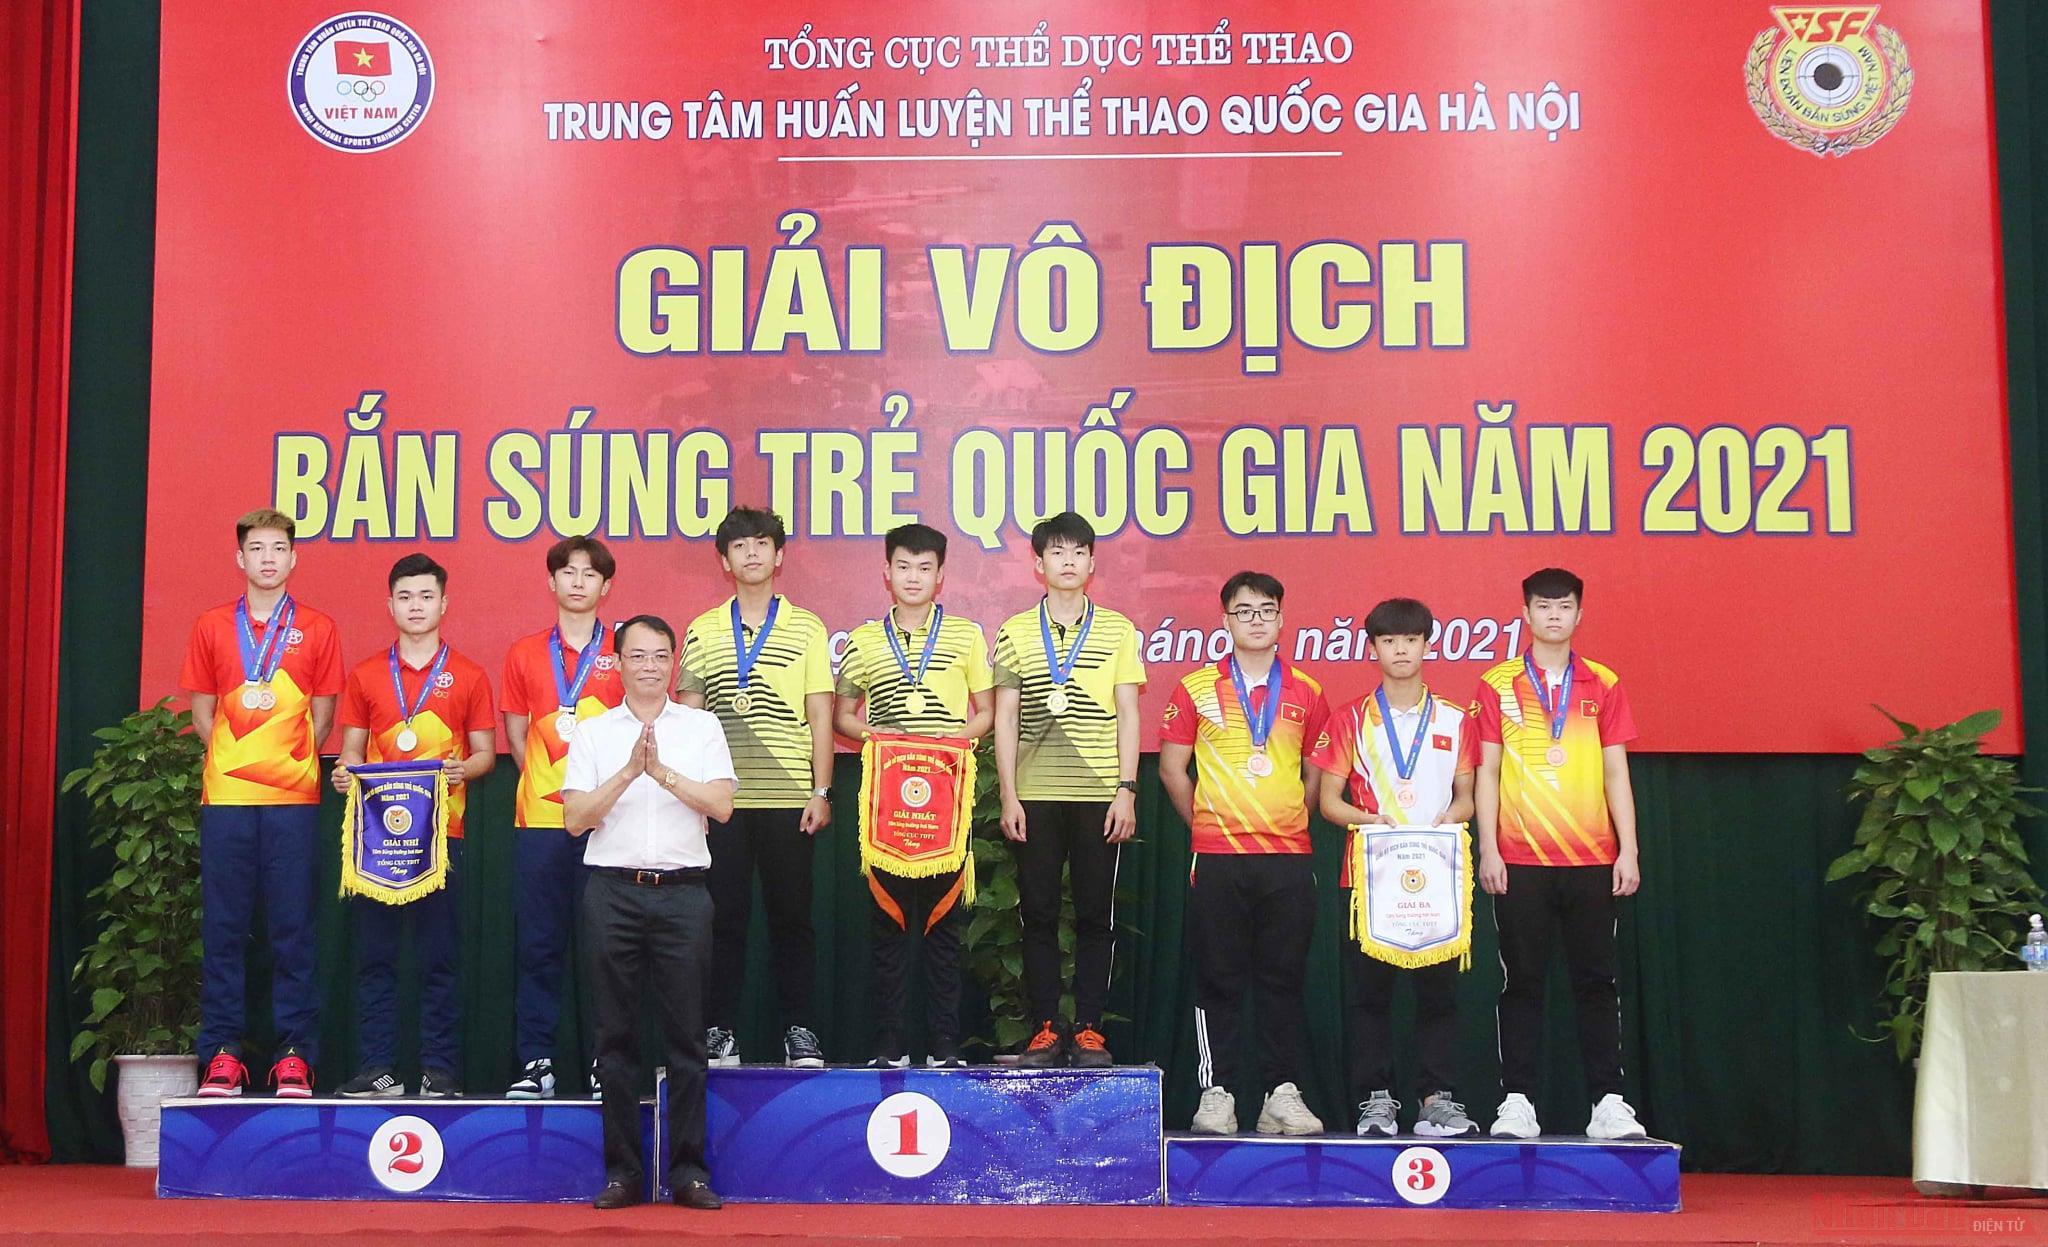 Khai mạc Giải vô địch Bắn súng trẻ quốc gia 2021 -0